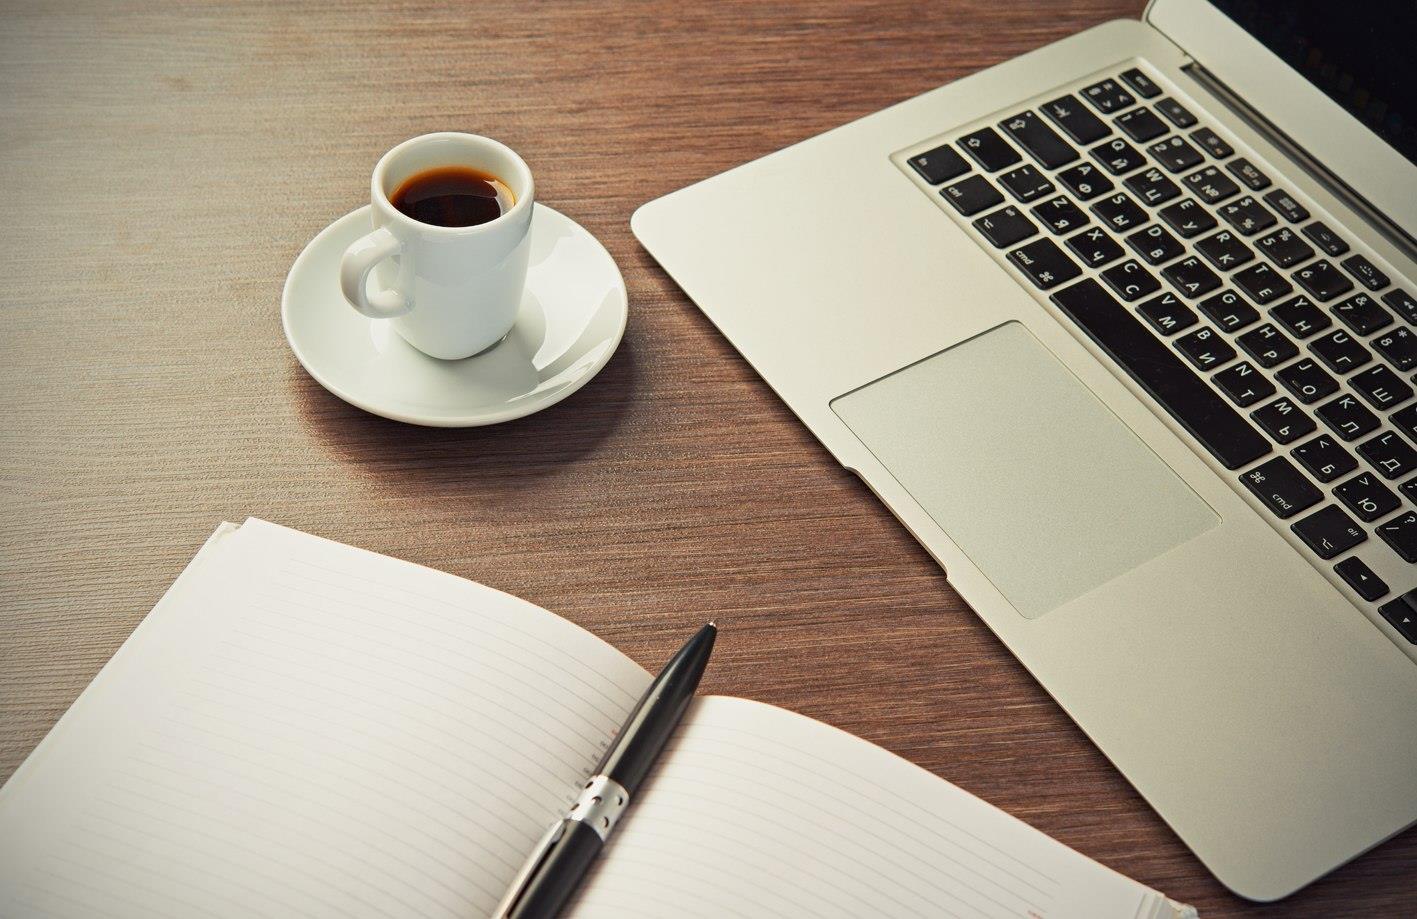 Hot-Desking: Hot or Not?